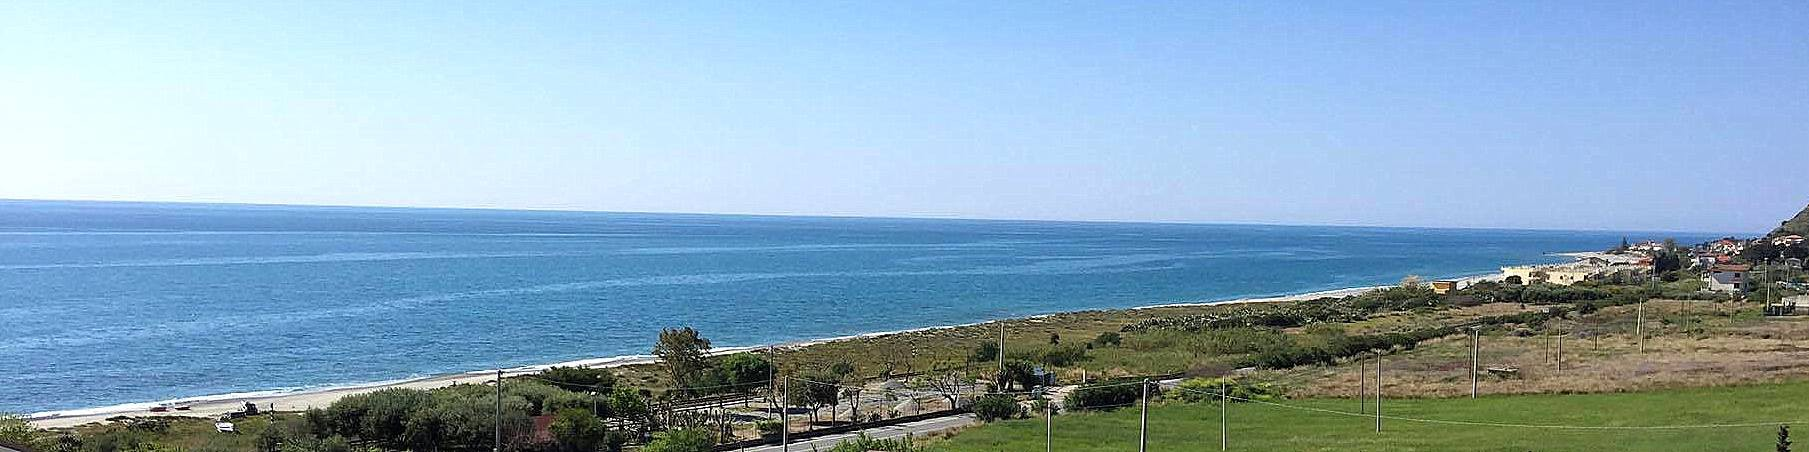 Brancaleone, pobřeží není příliš zastavěné